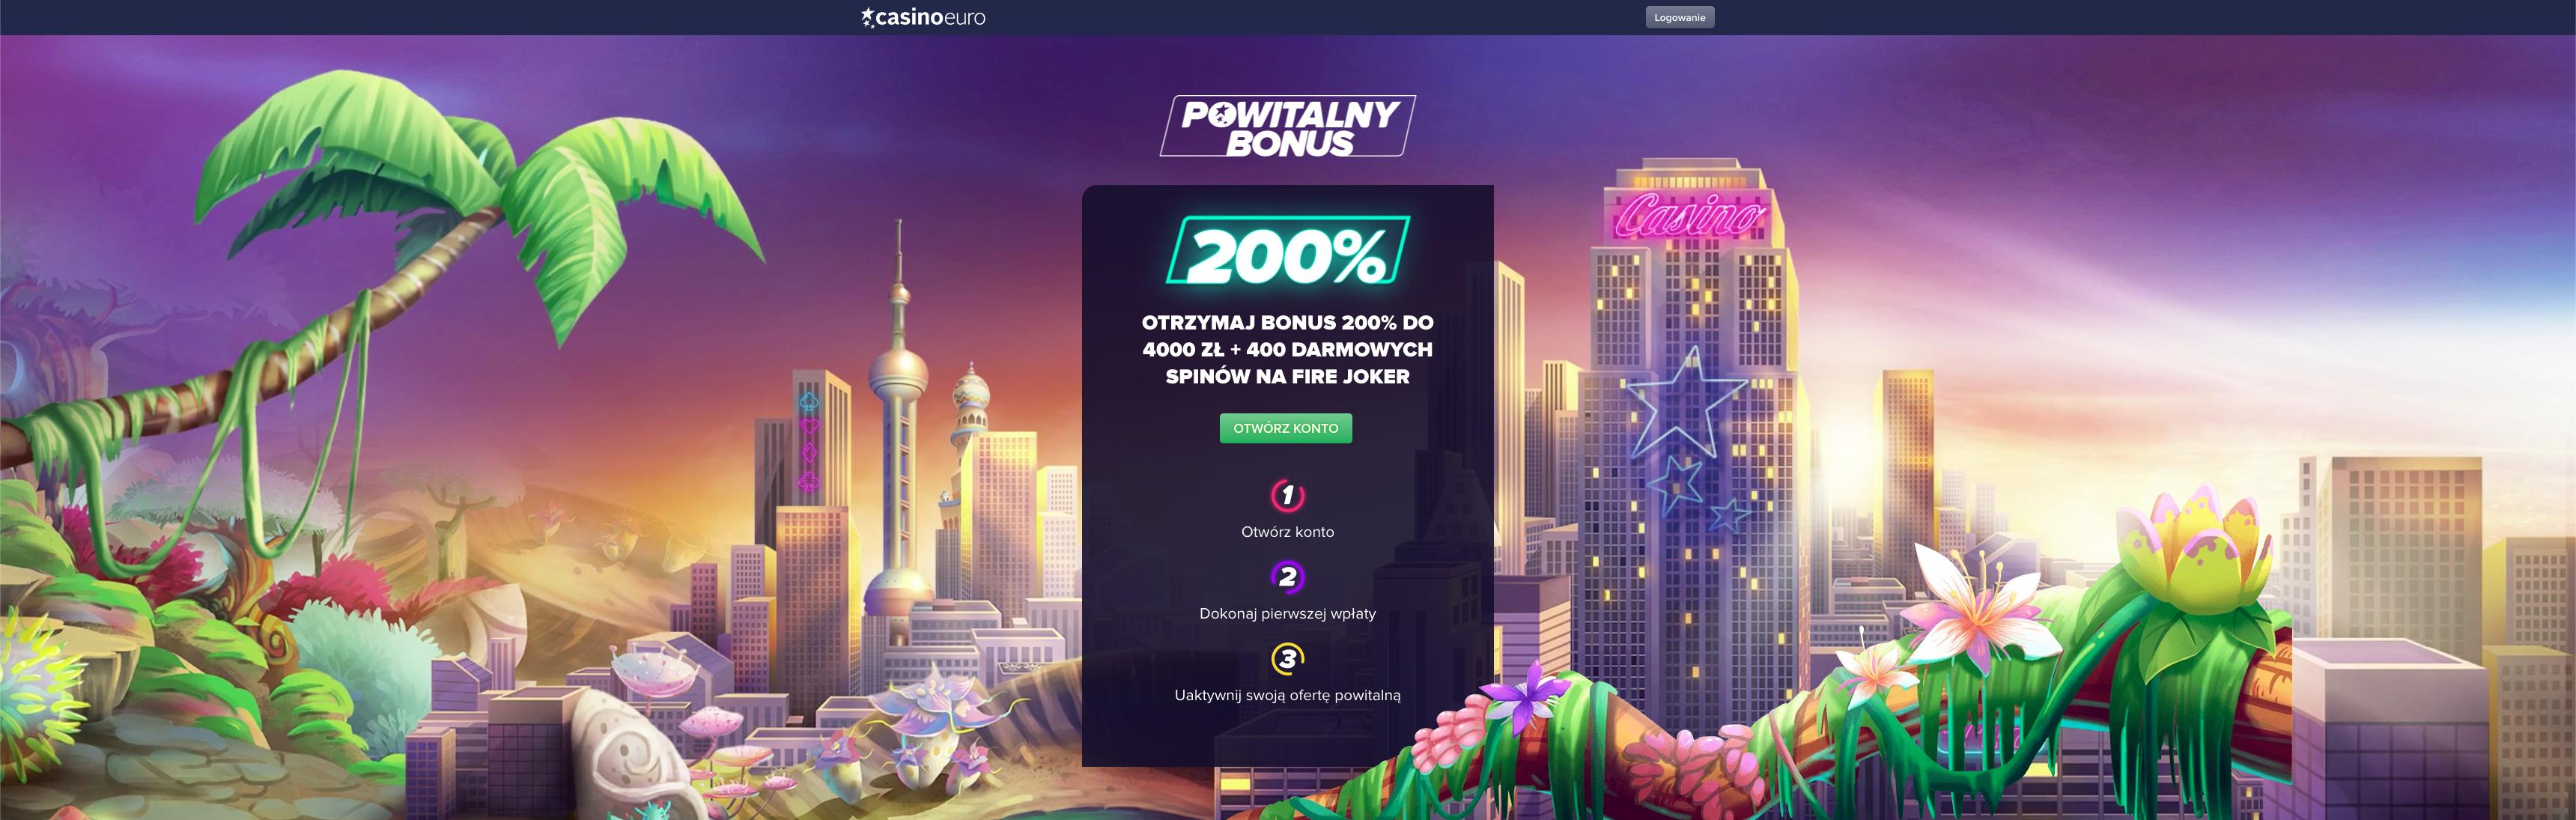 Zarejestruj się do Casino Euro i odbierz bonus powitalny do 200%!